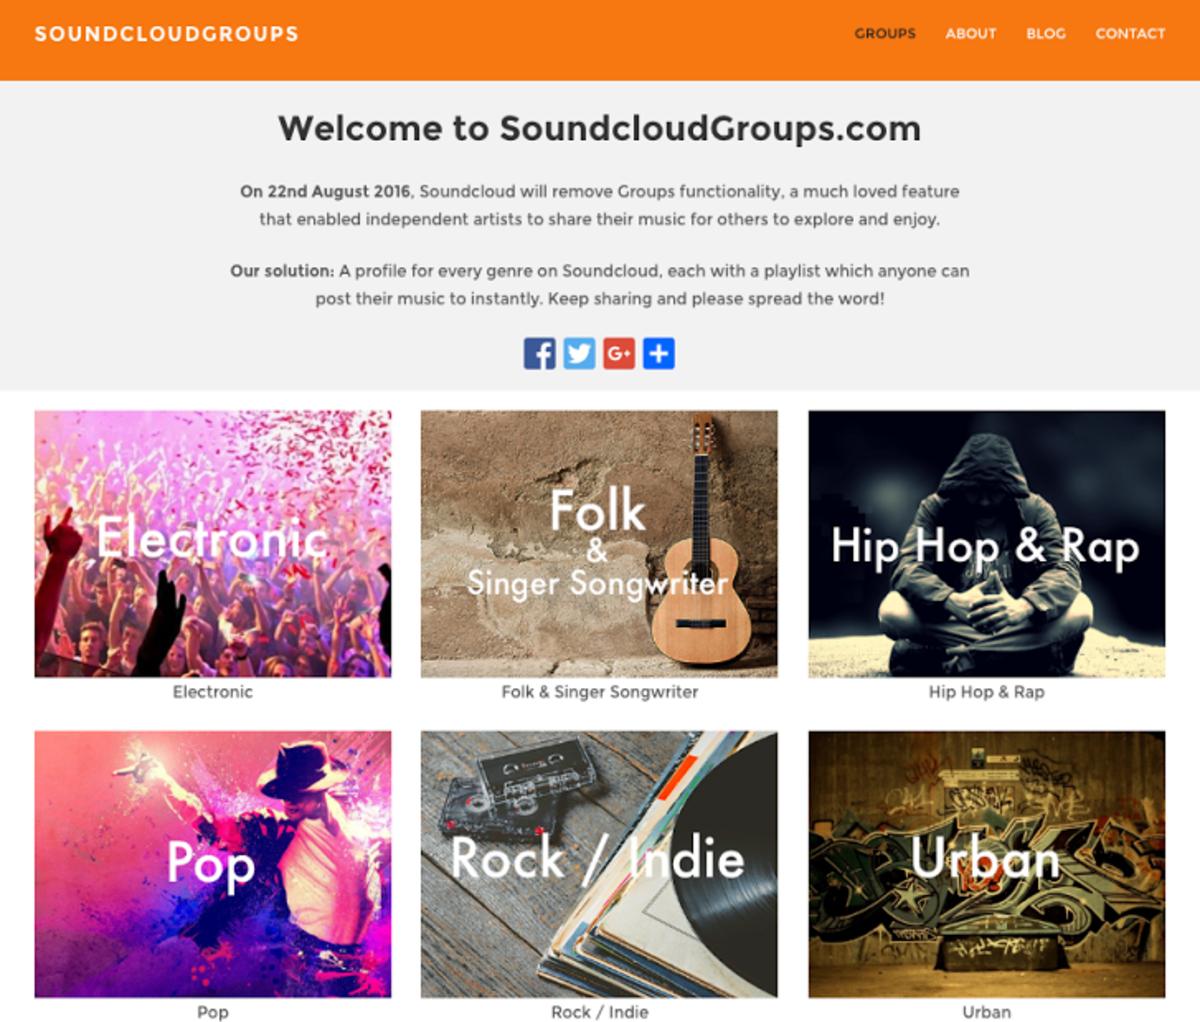 The landing page of SoundCloudGroups.com